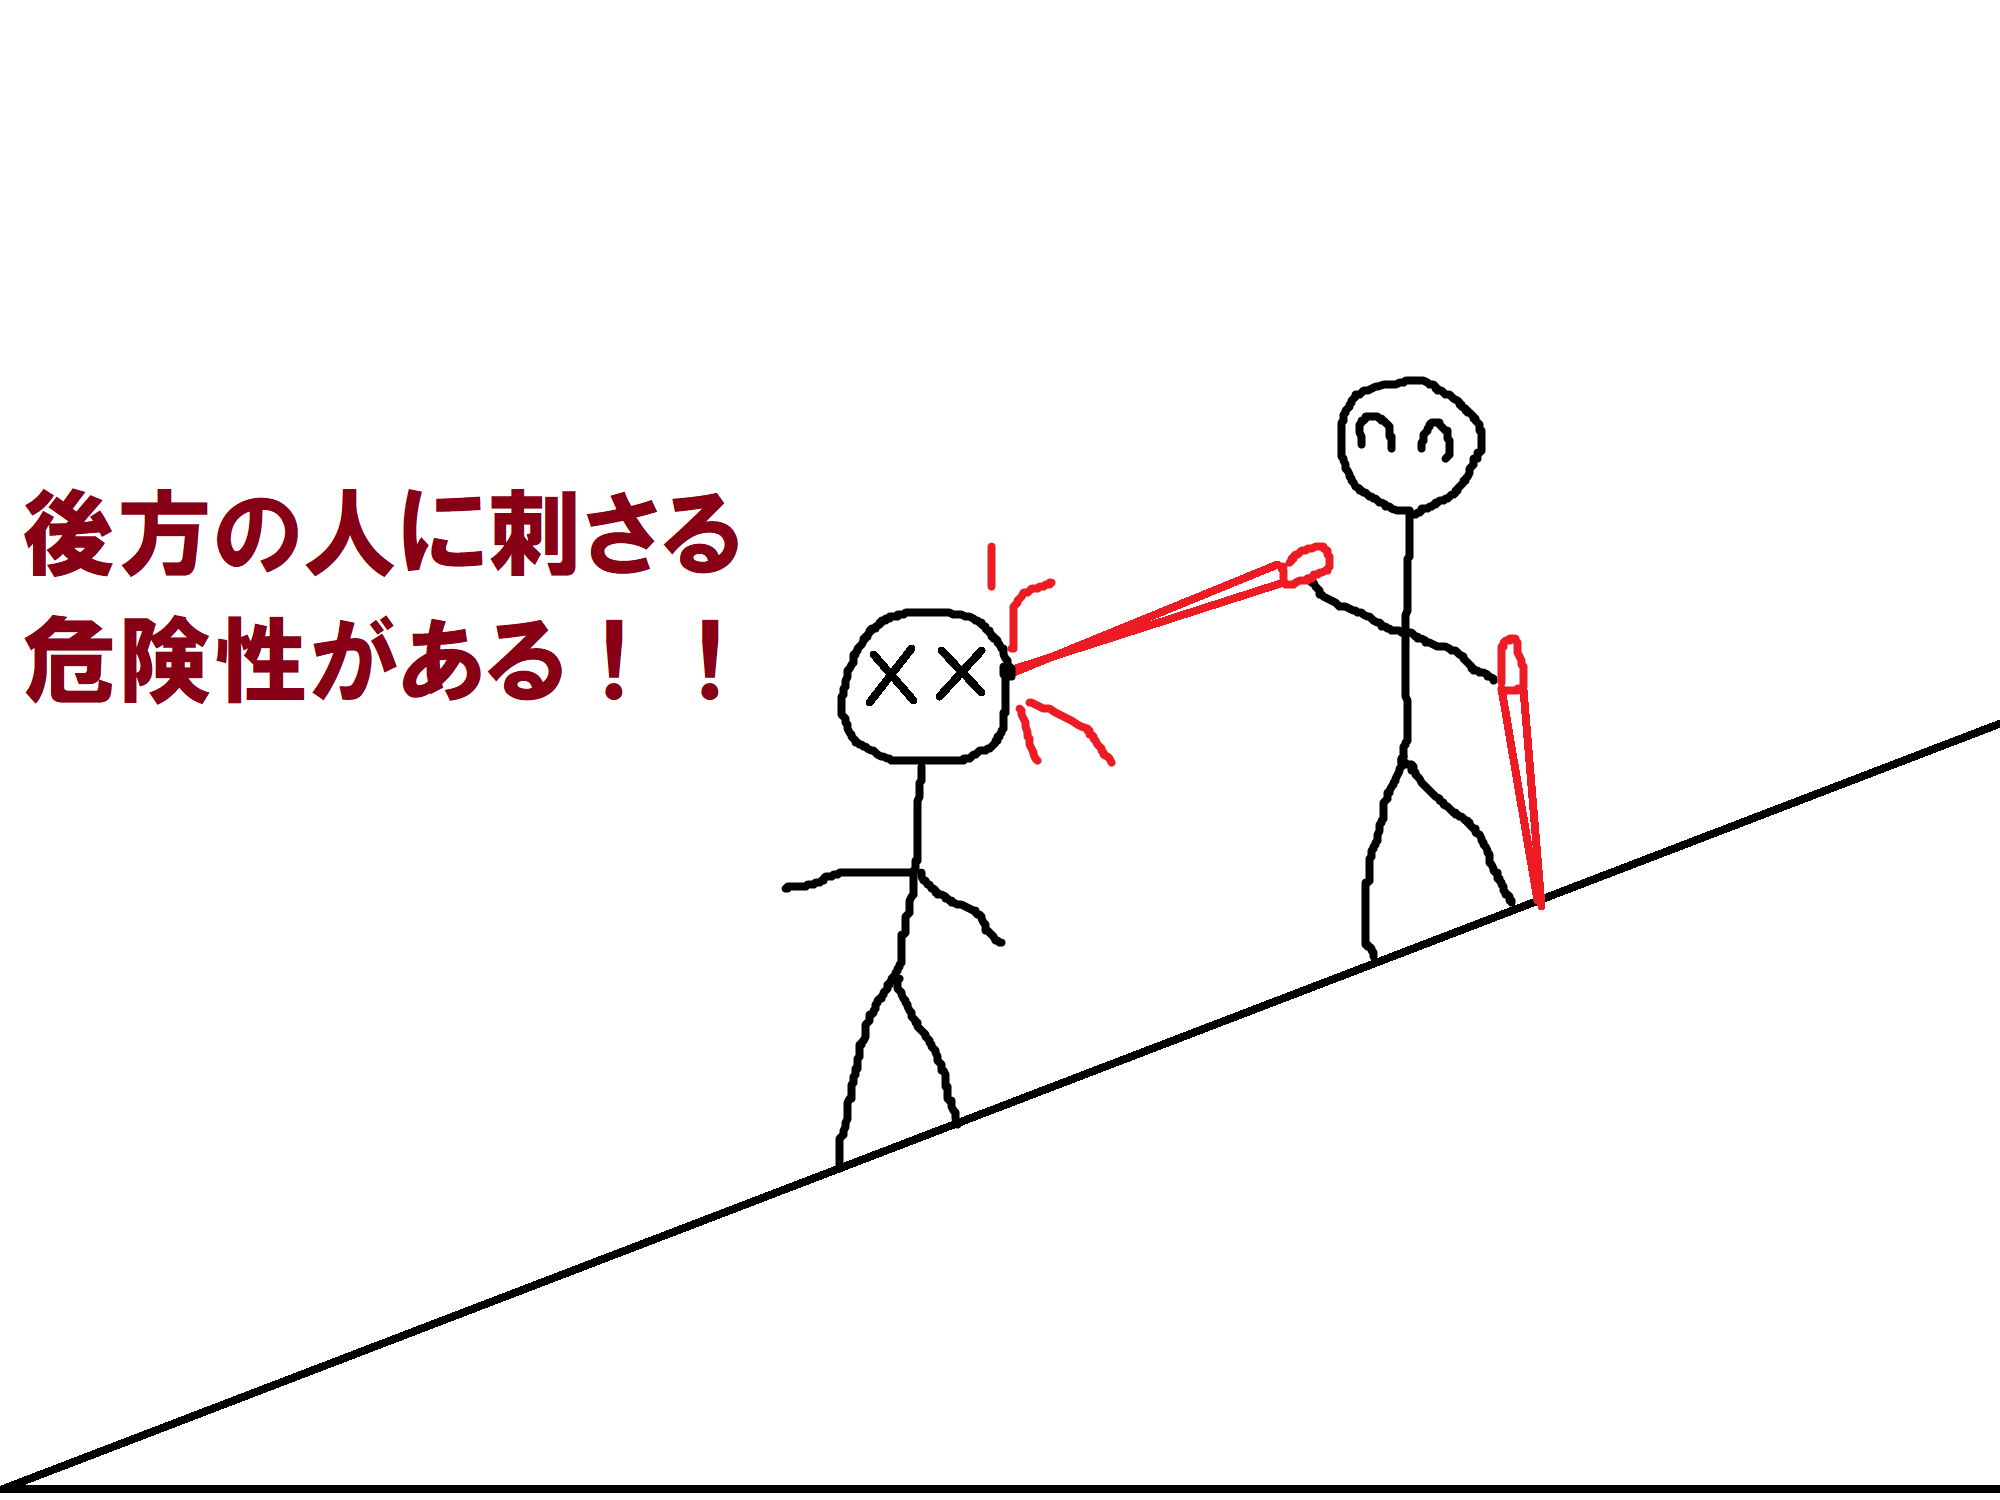 石突の危険性